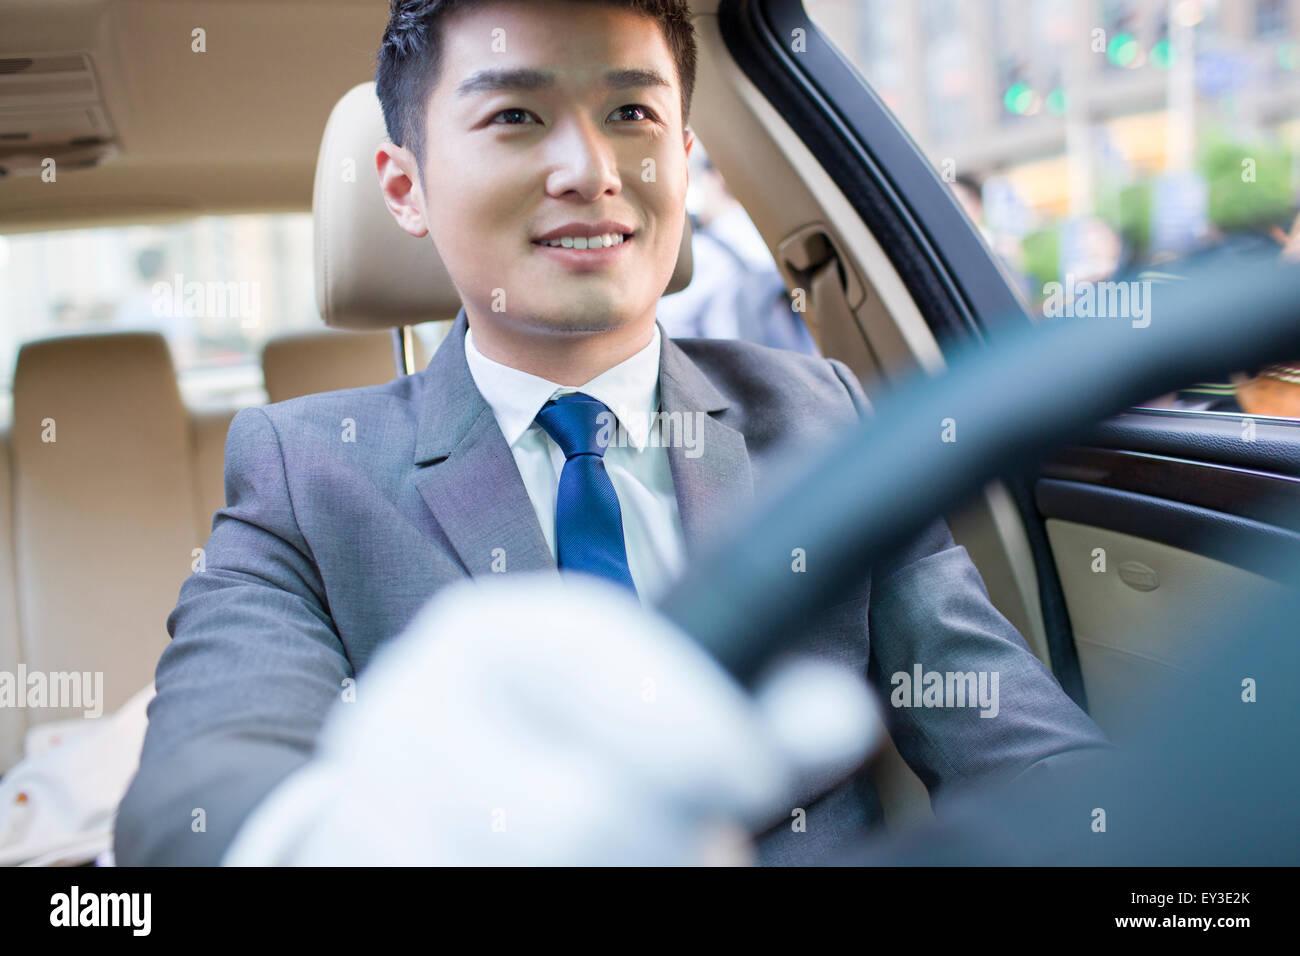 Chauffeur driving car Stock Photo